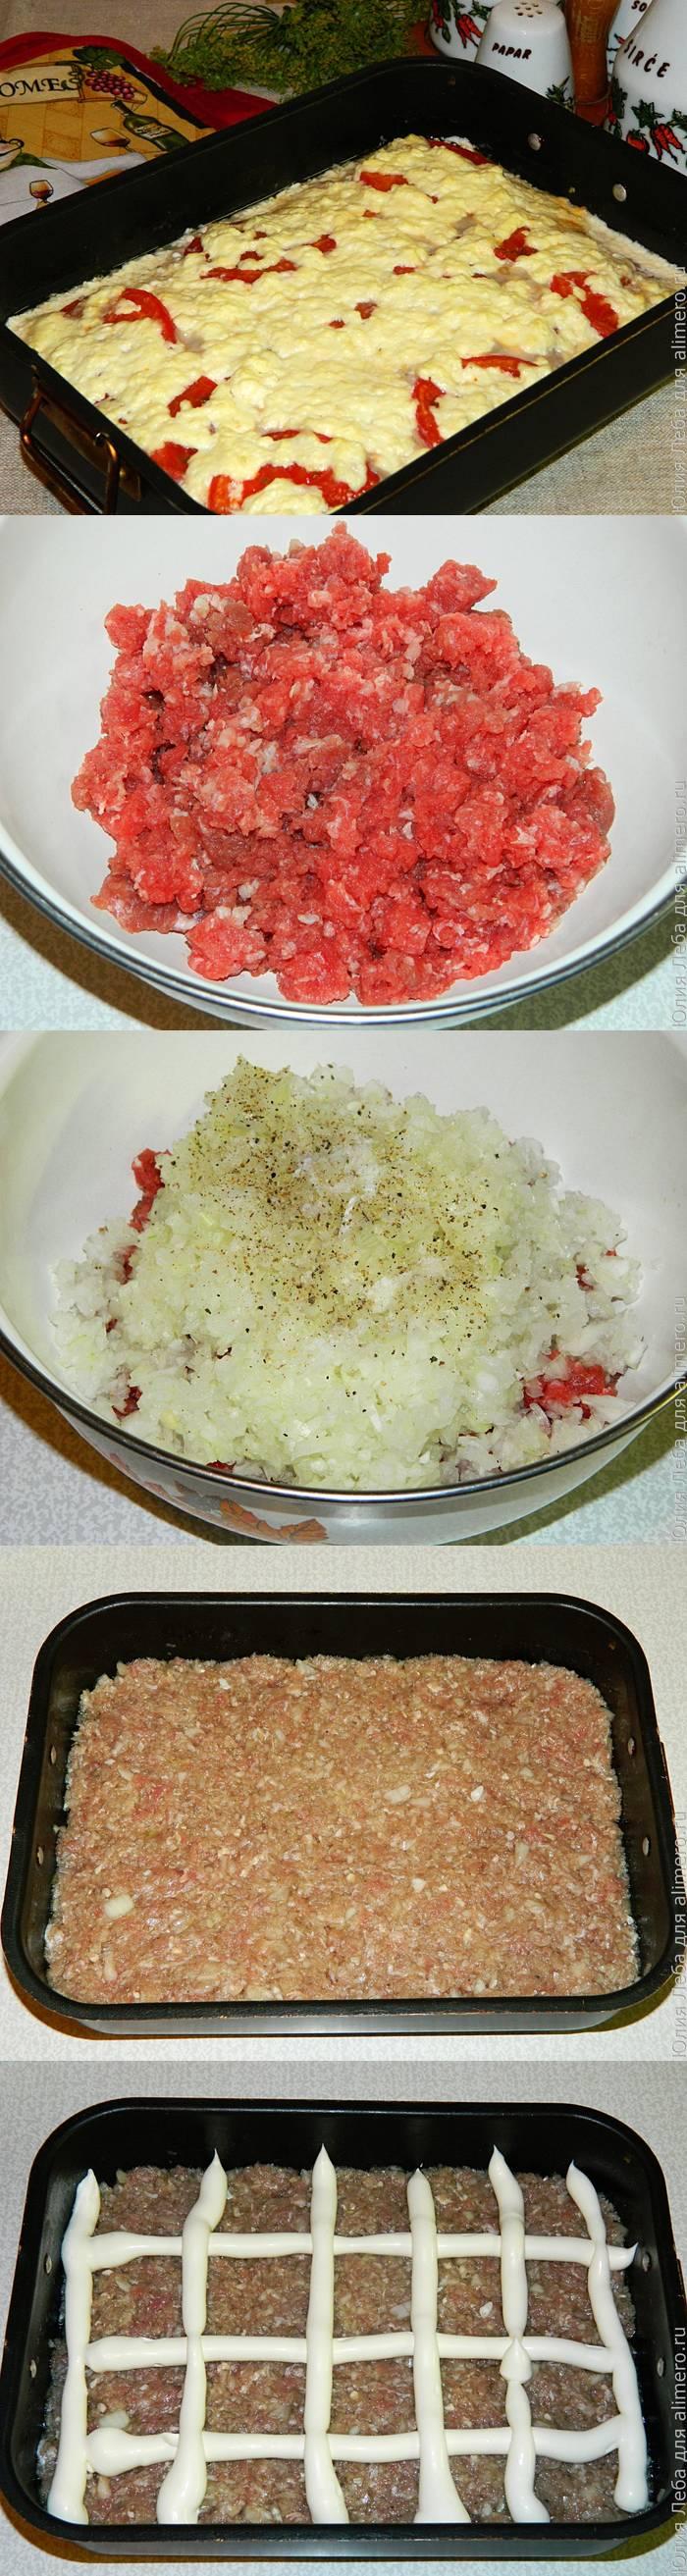 Мясная запеканка с адыгейским сыром